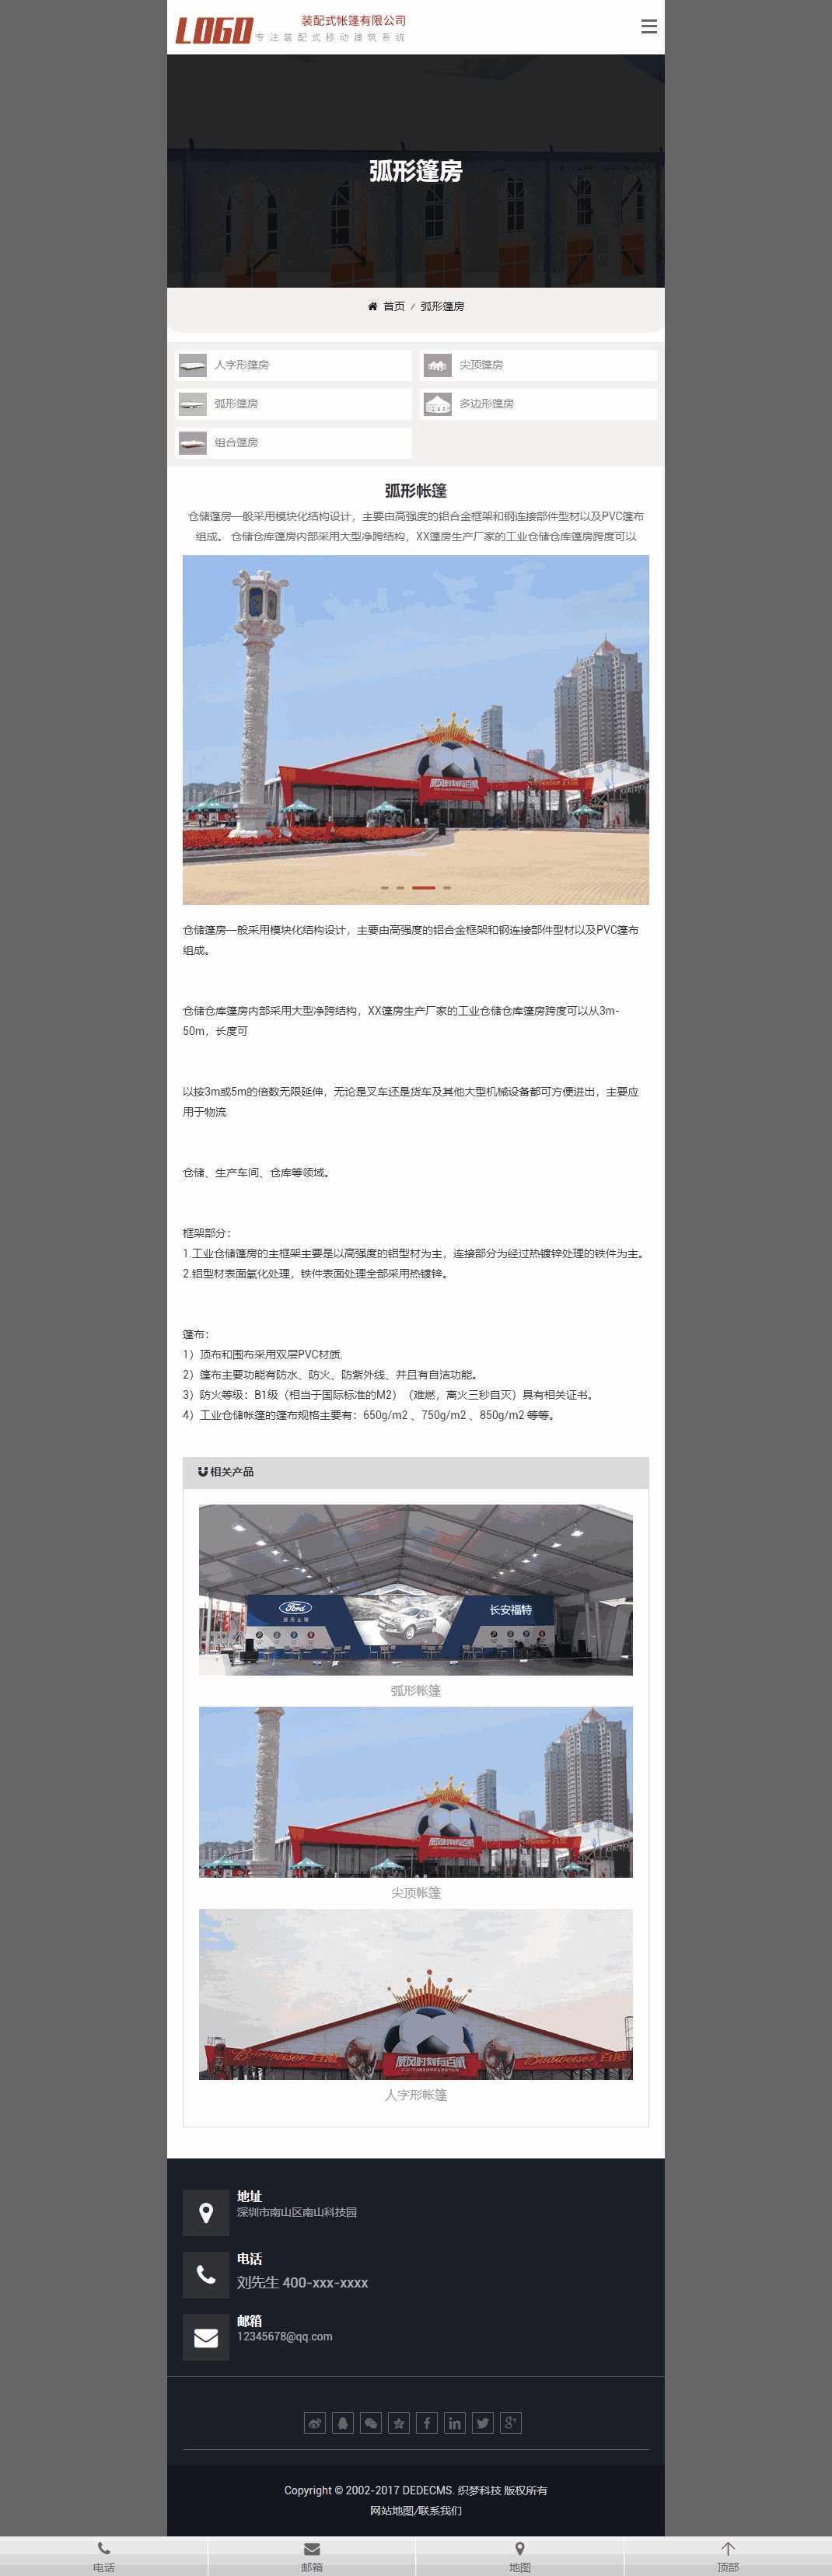 手机产品内页